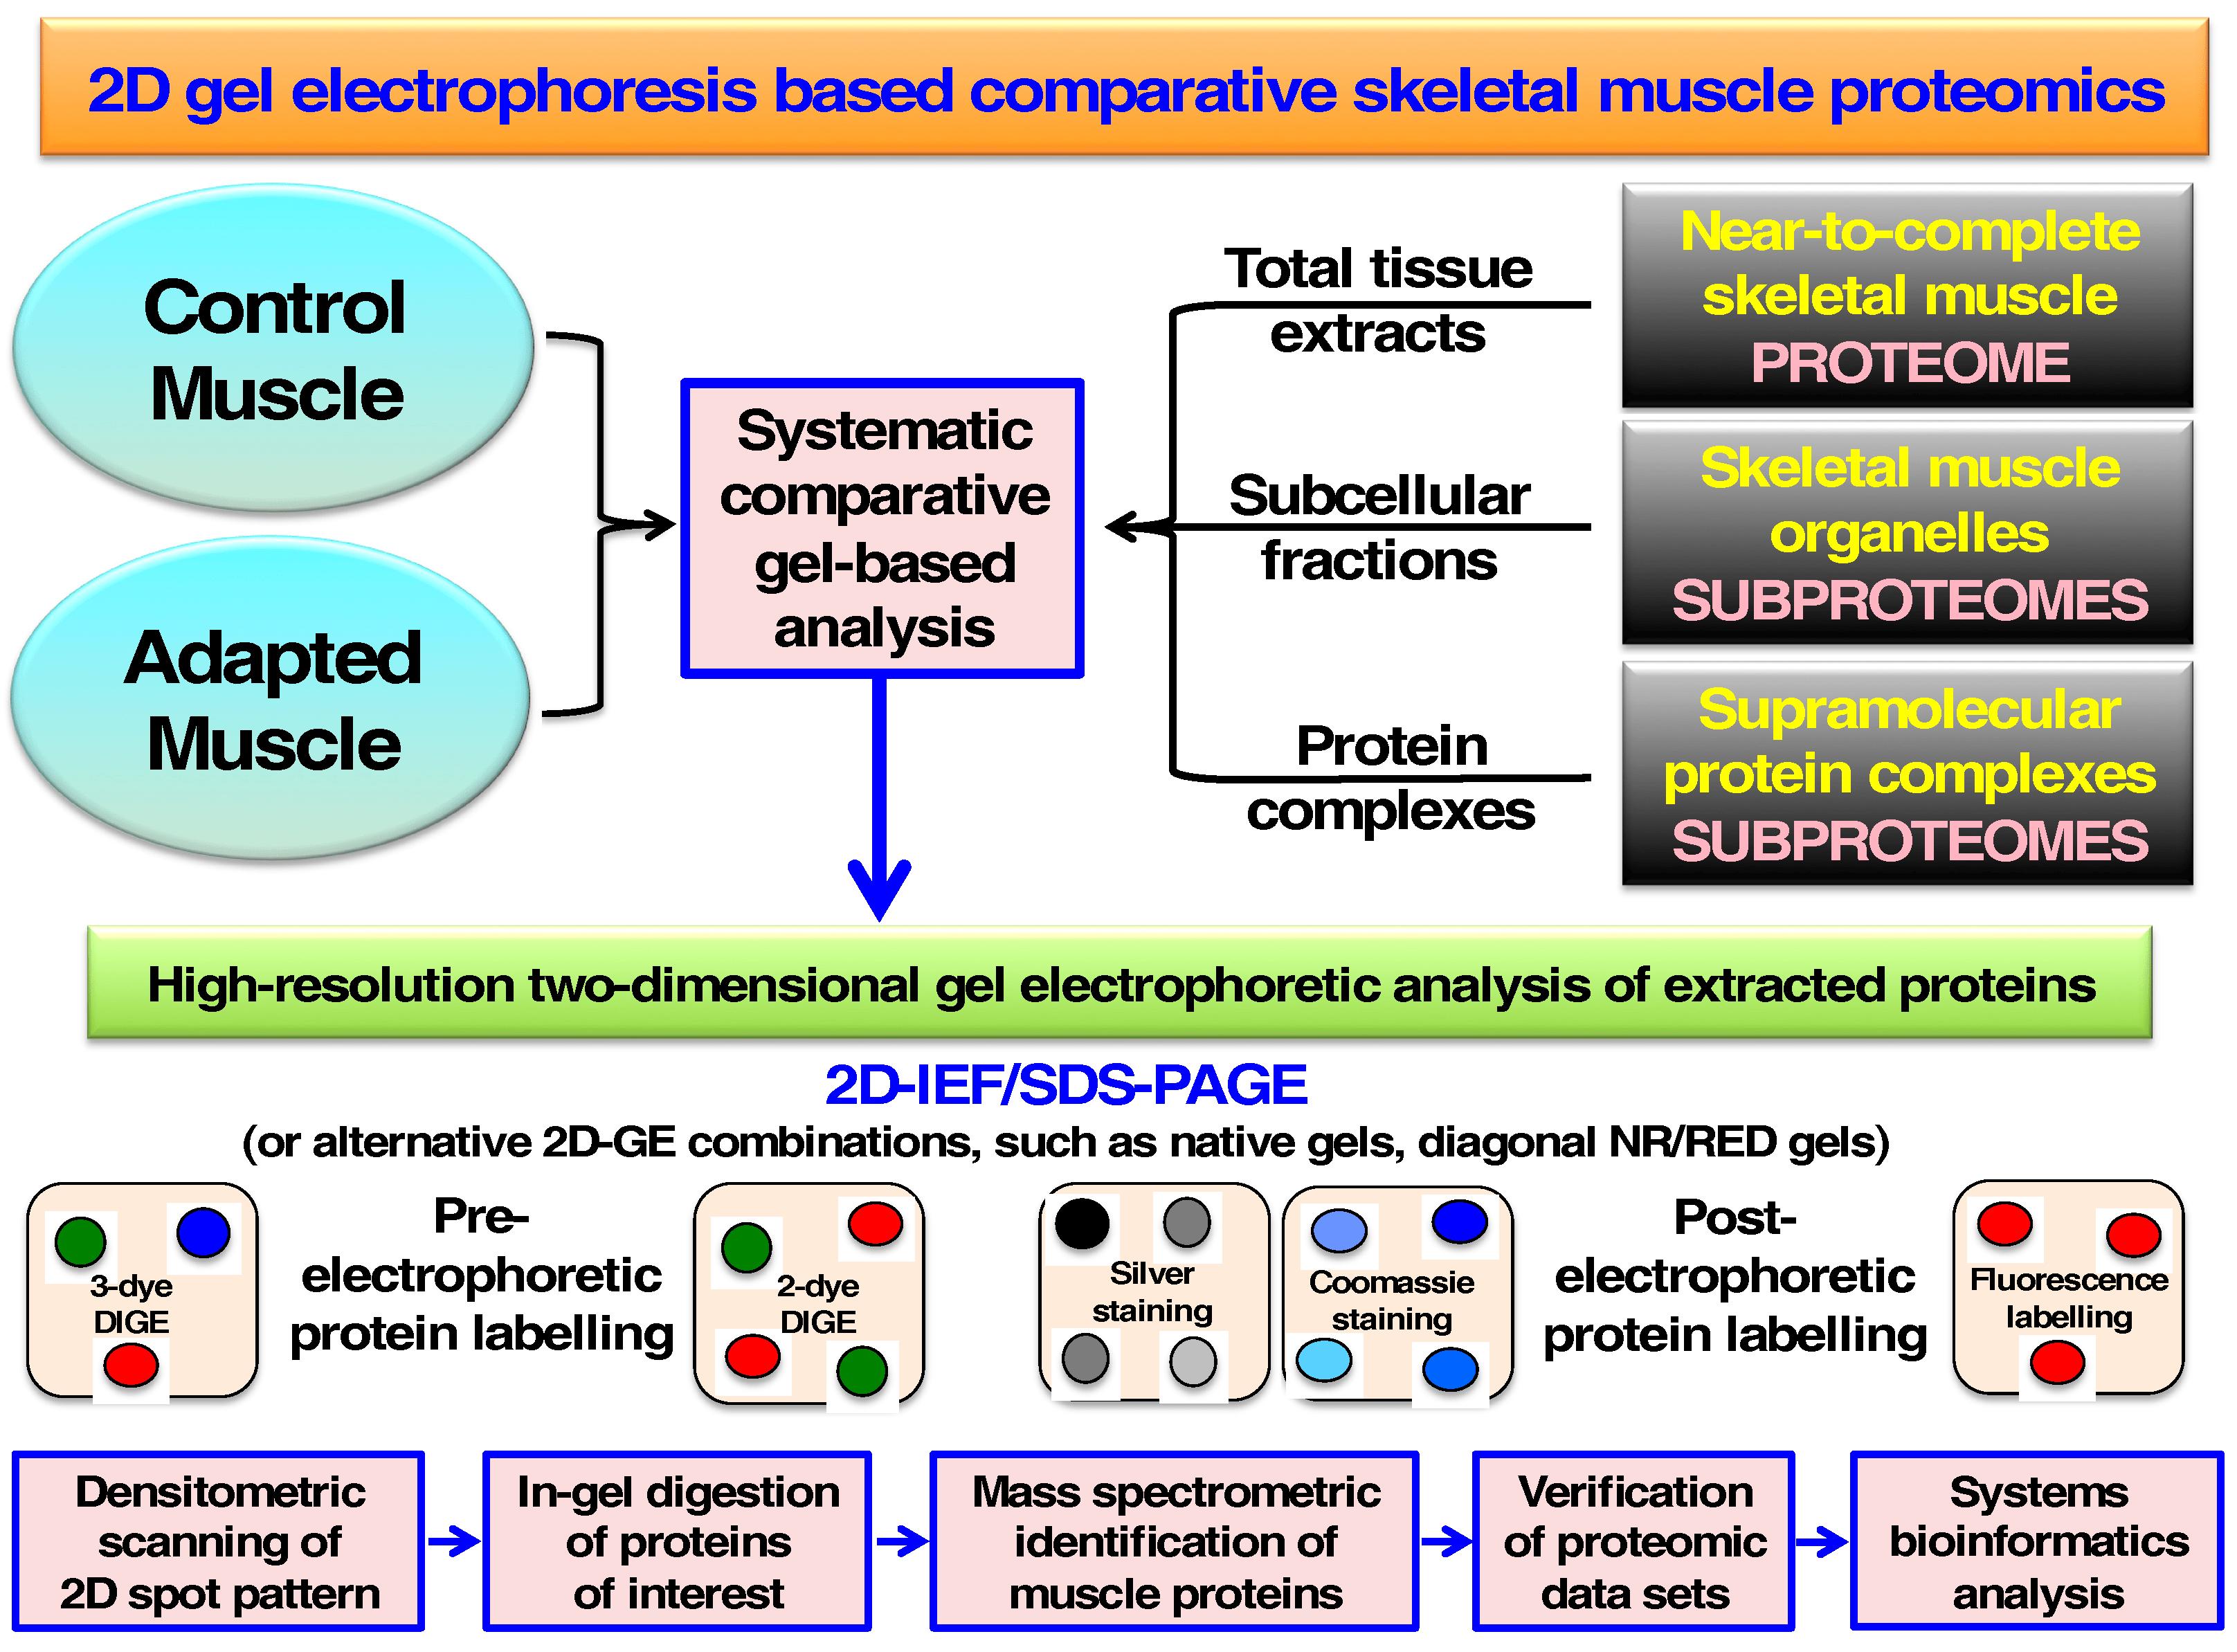 Proteomes